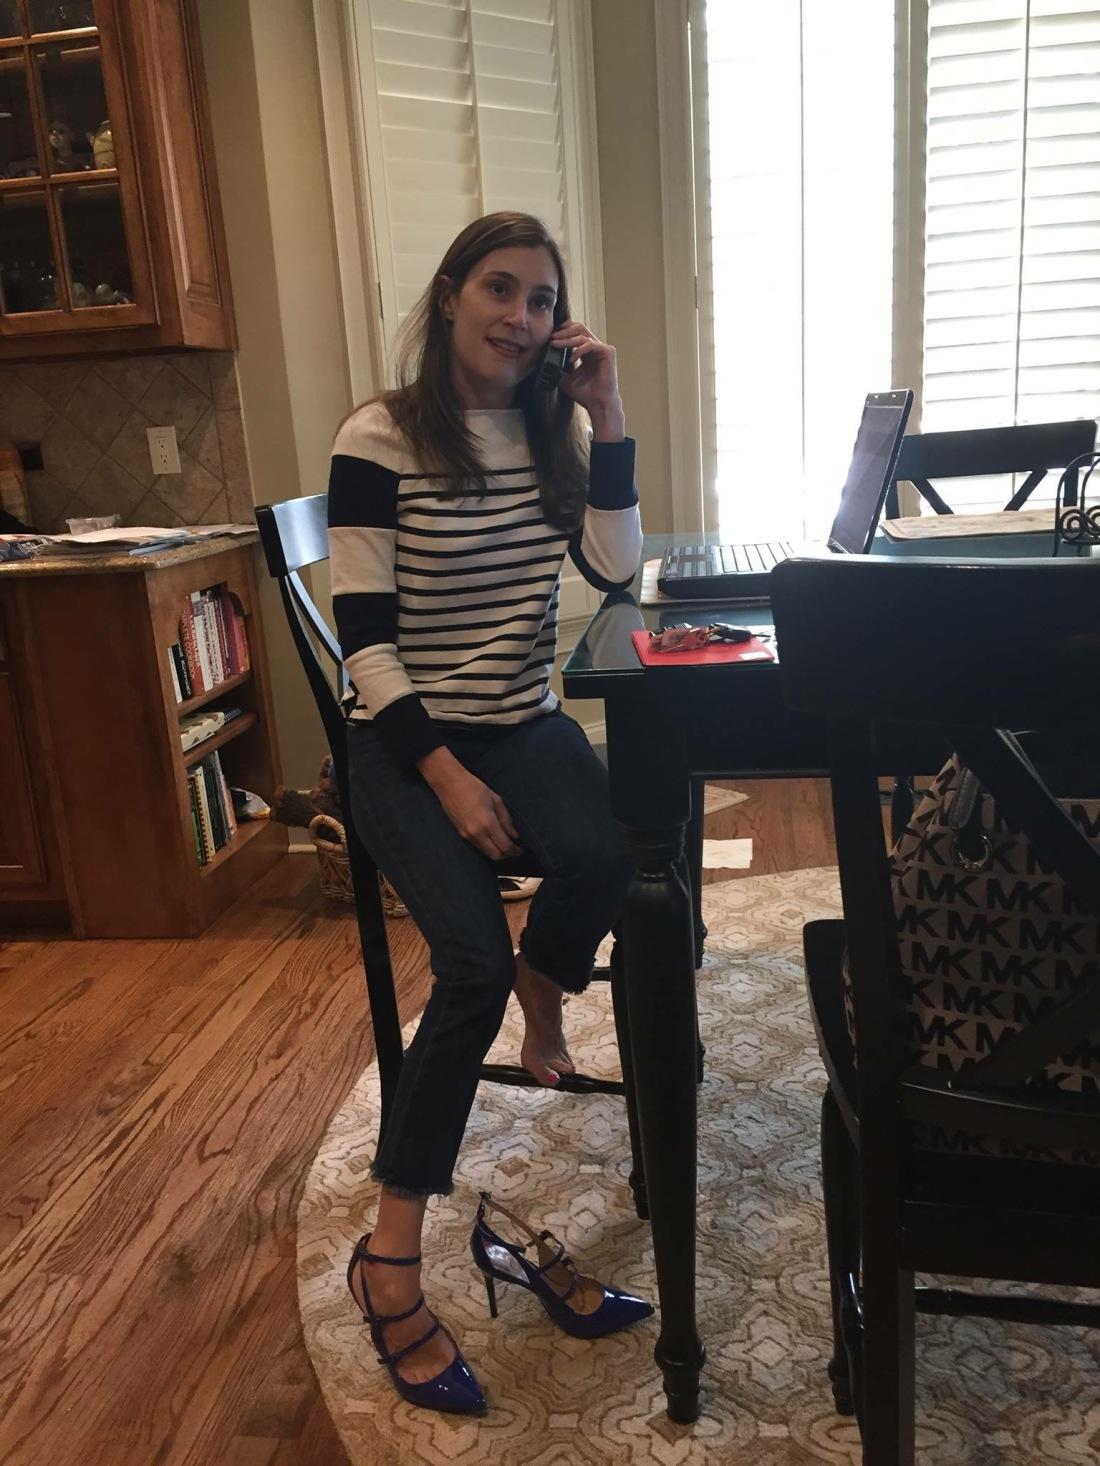 NicoleBlog